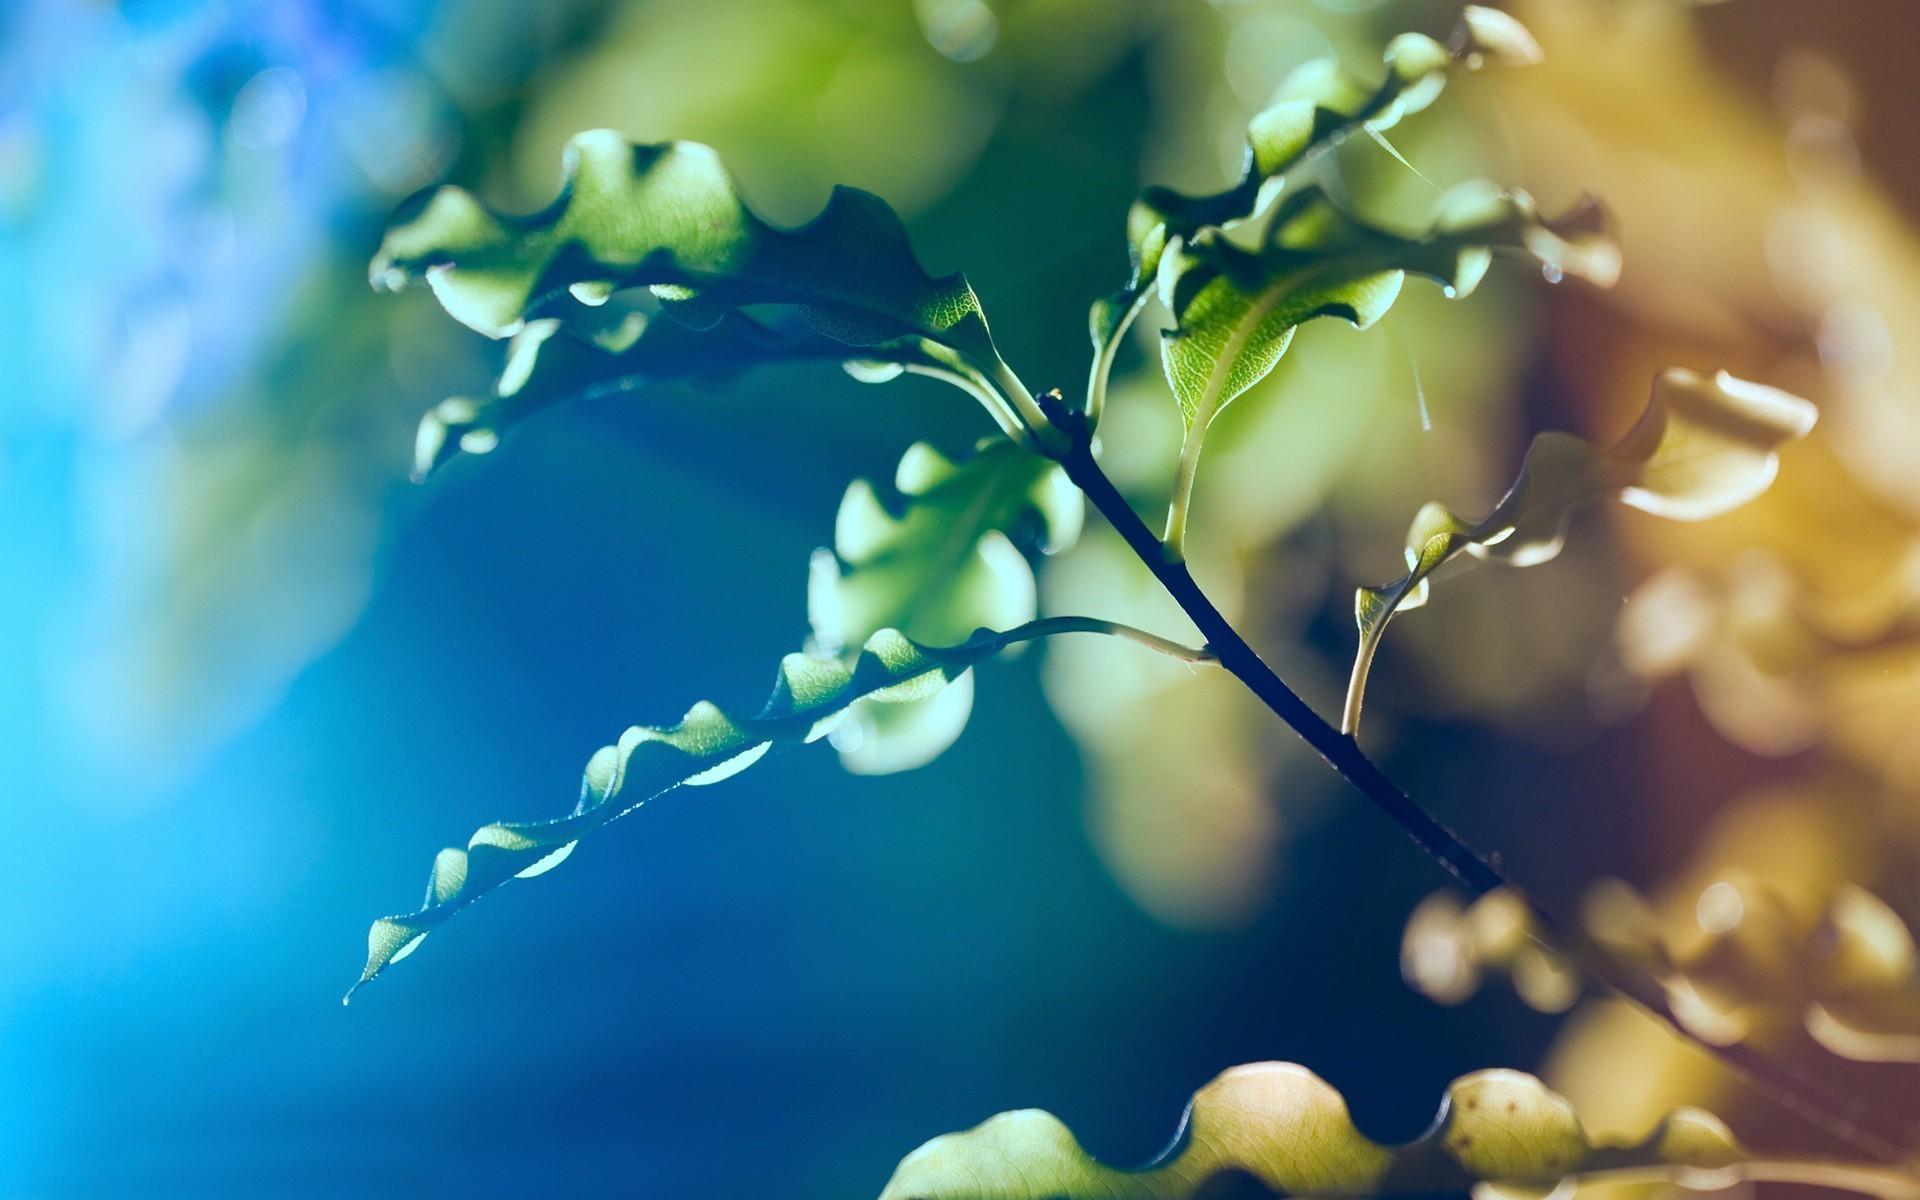 ветка макро зелень цветы бесплатно